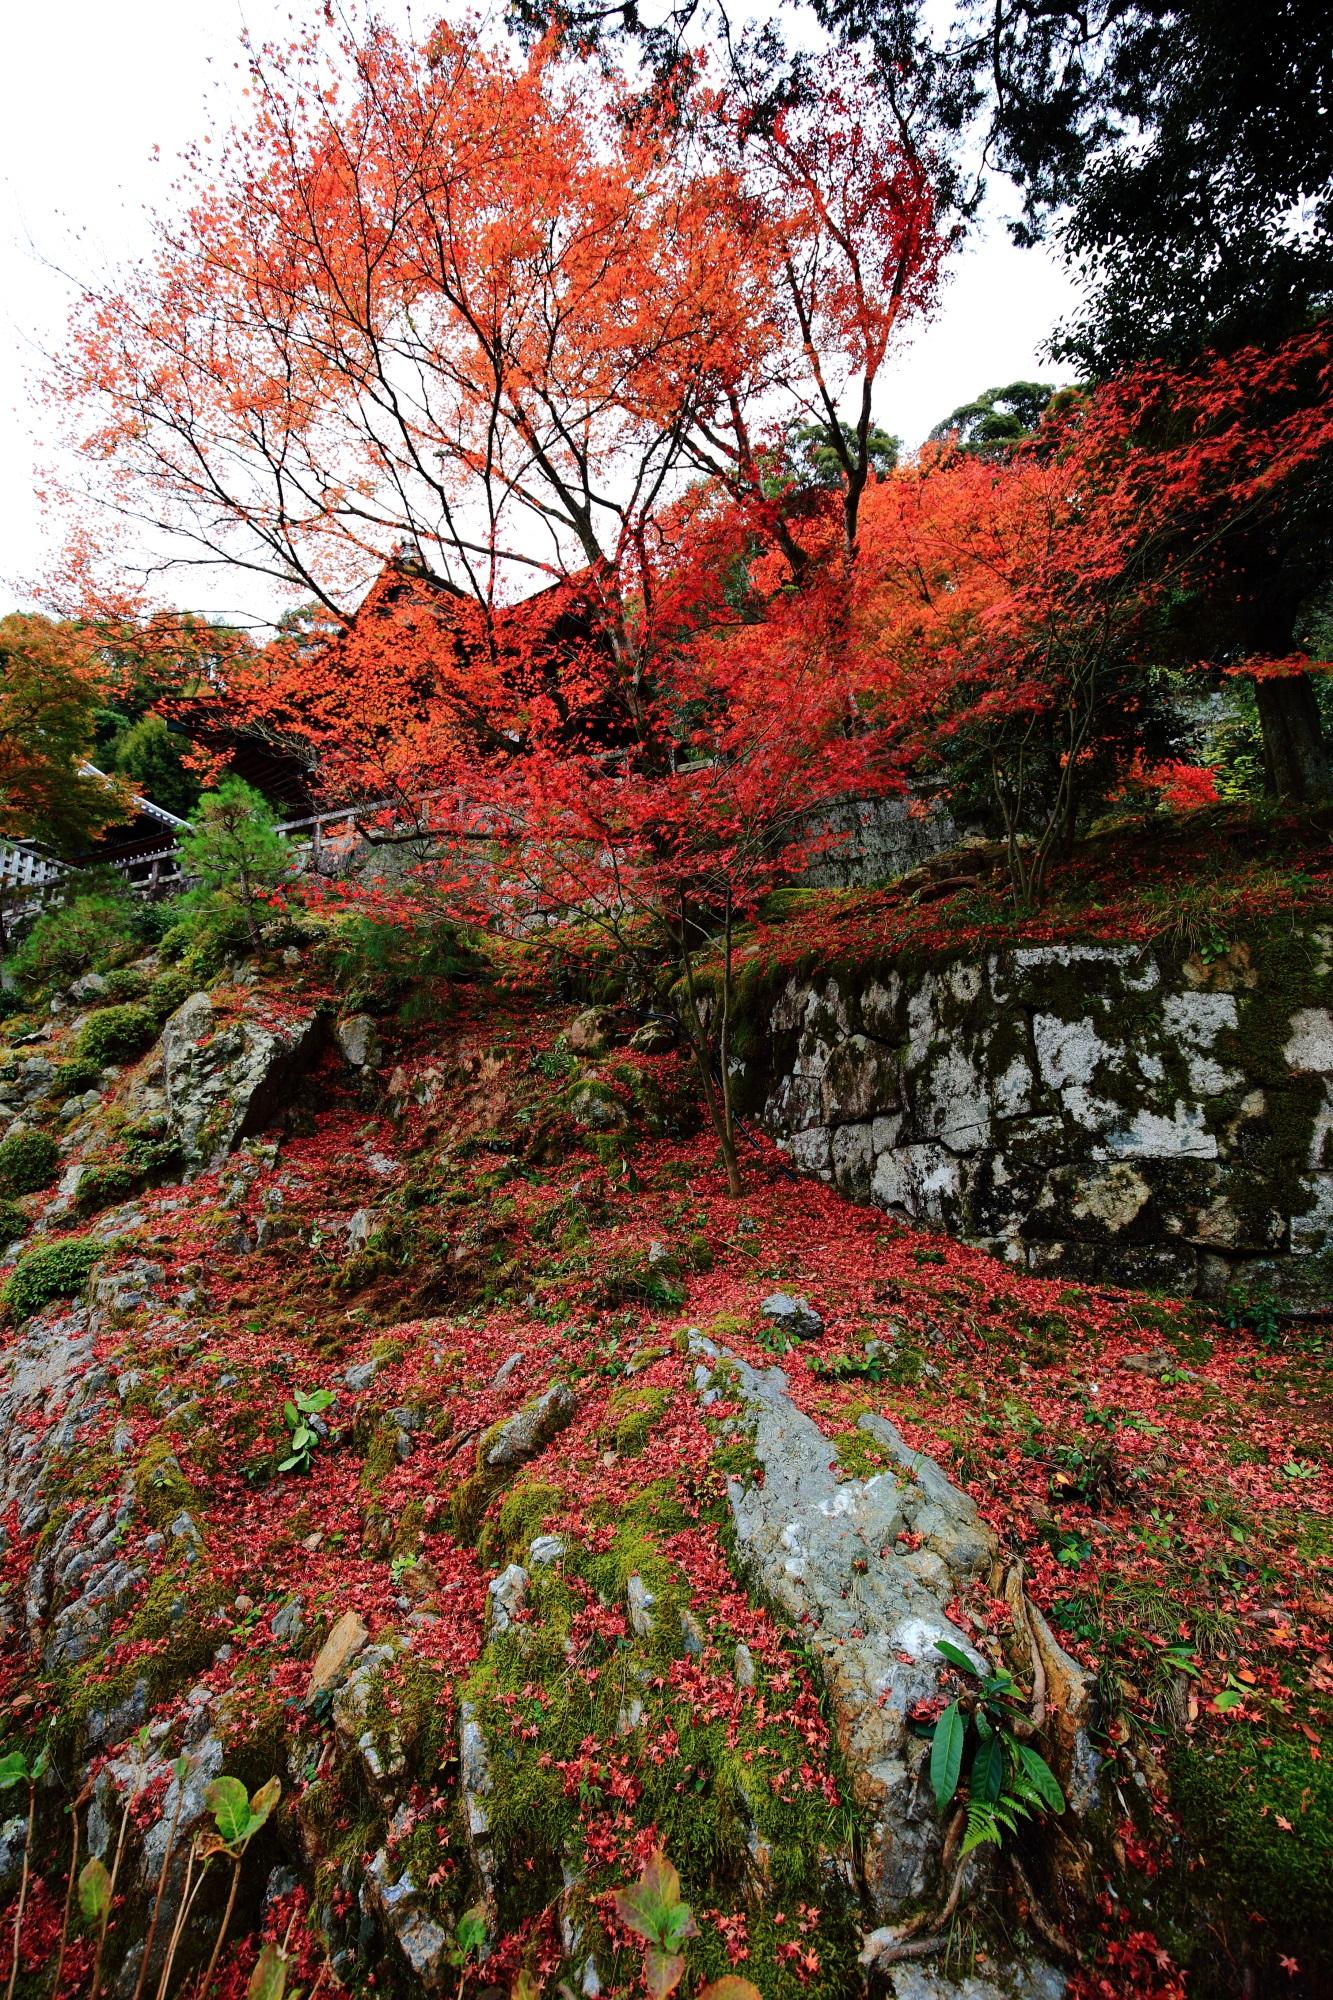 御廟前の苔の生えた石垣に散る圧巻の紅葉